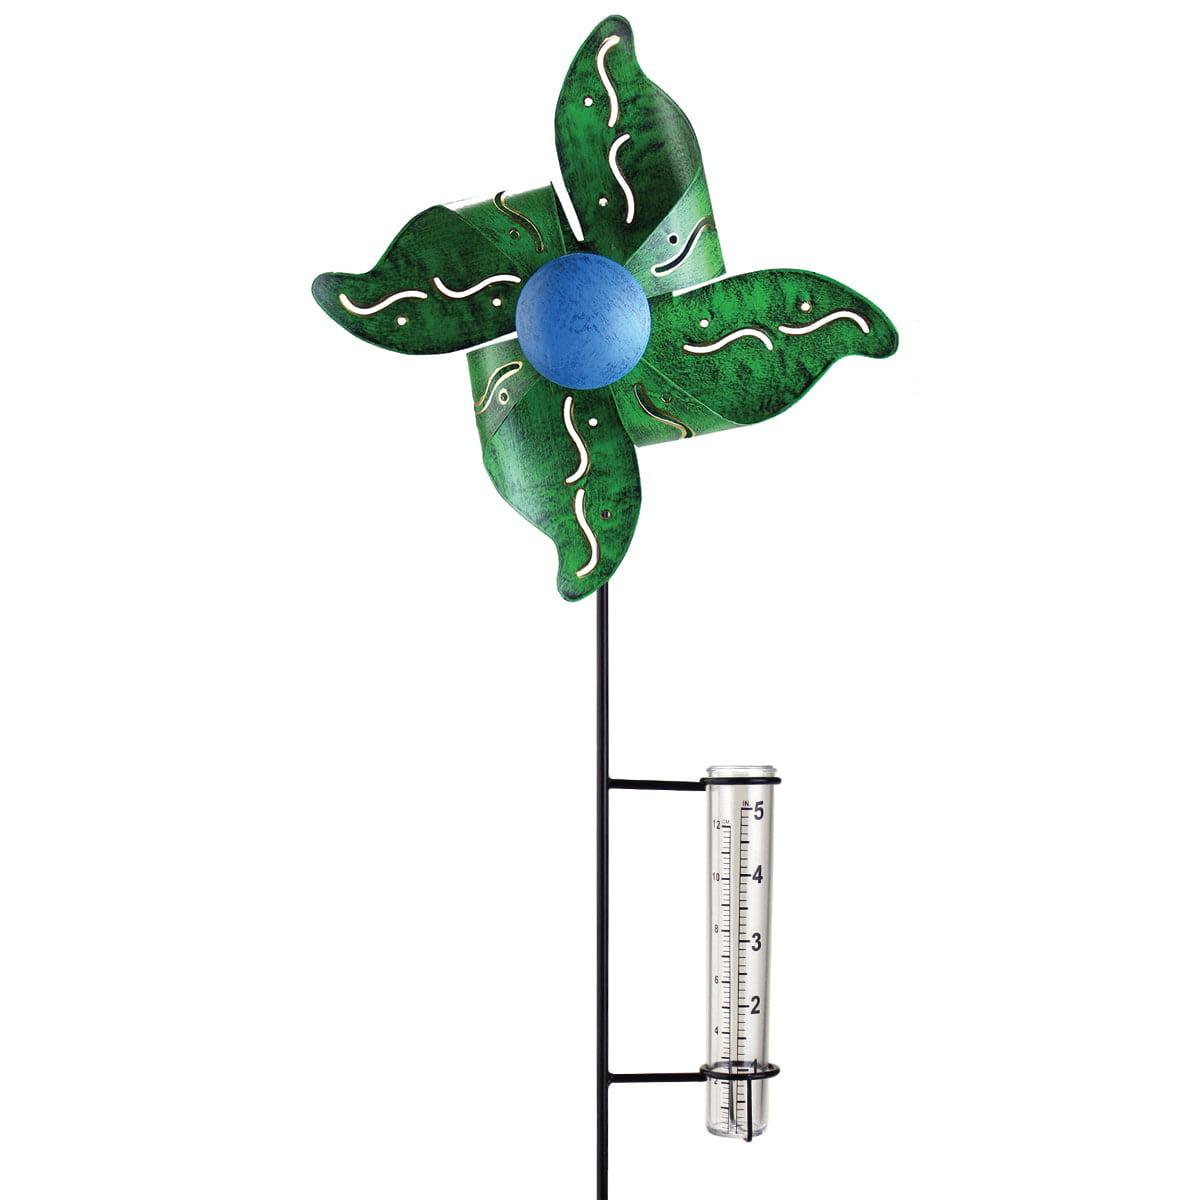 Exhart Green Metal Kinetic Pinwheel With Rain Gauge by Overstock